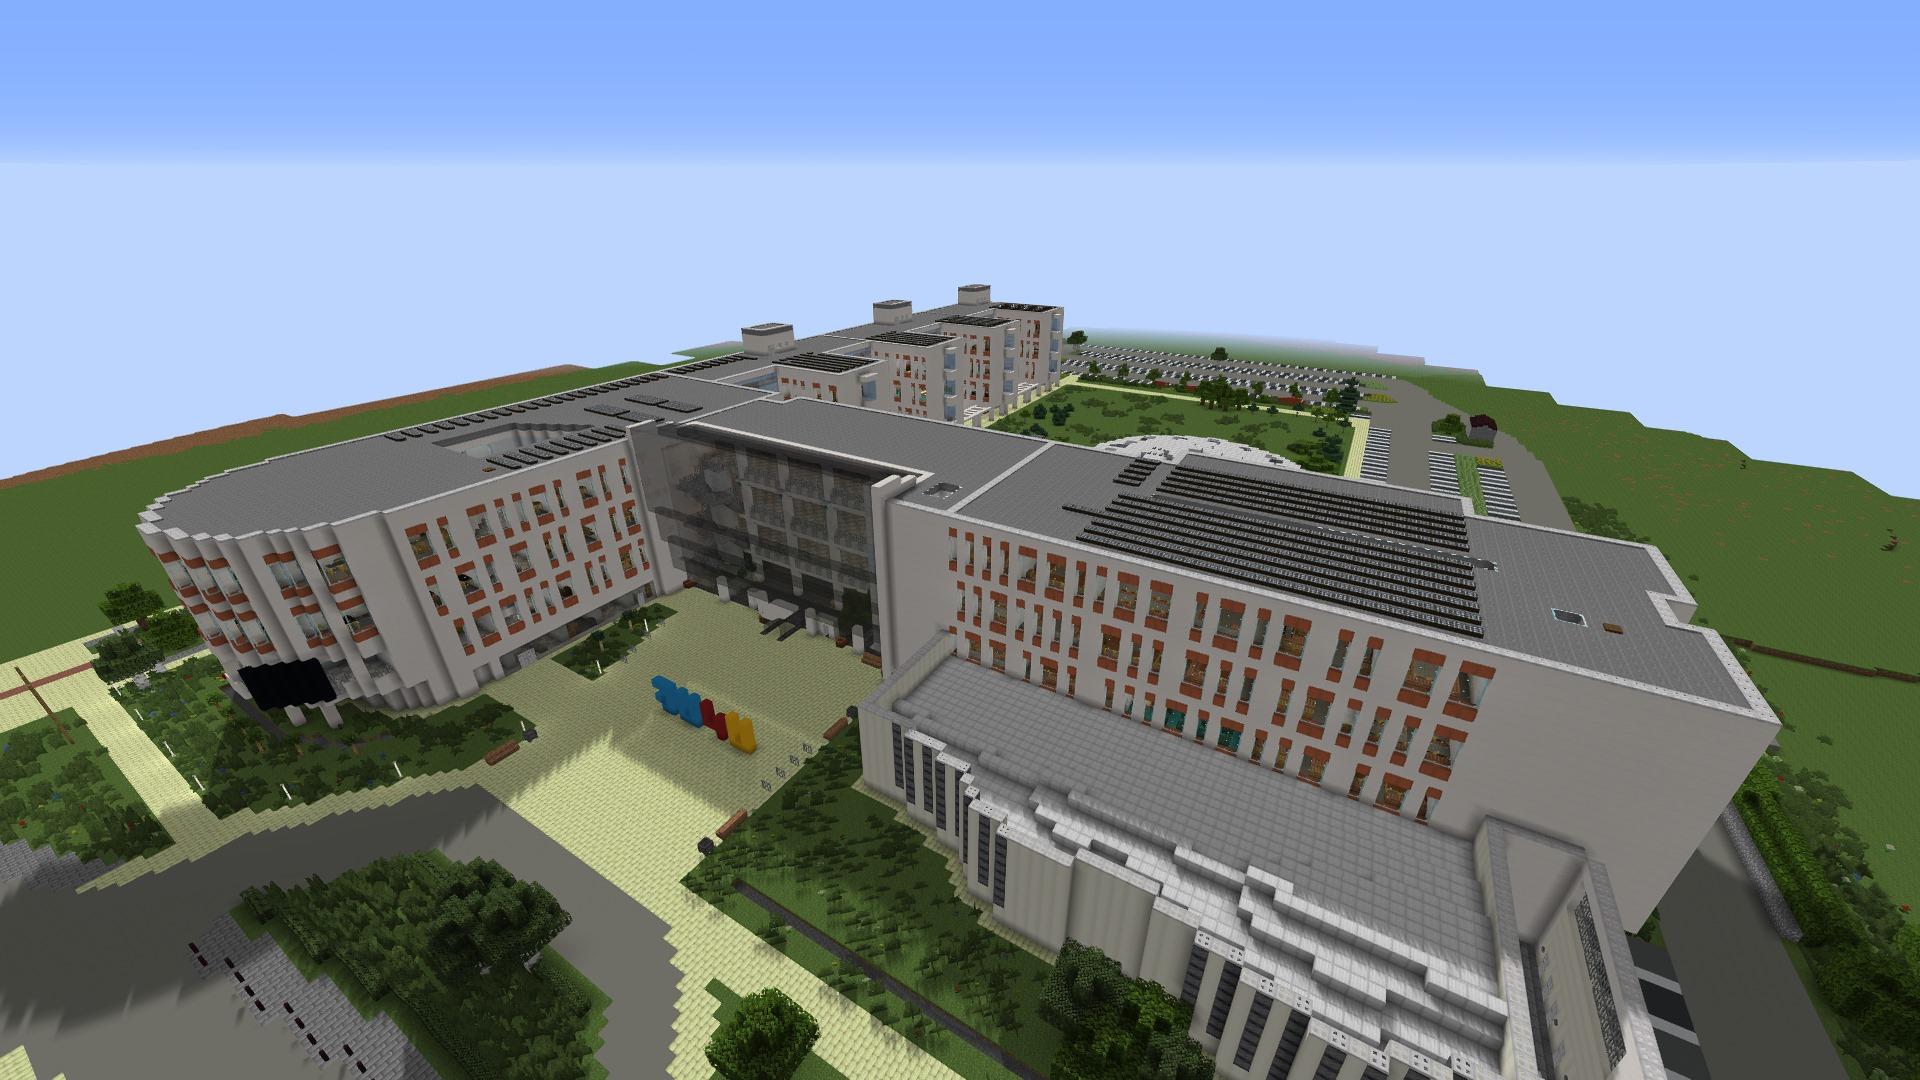 Kampus UJ odtworzony w Minecrafcie